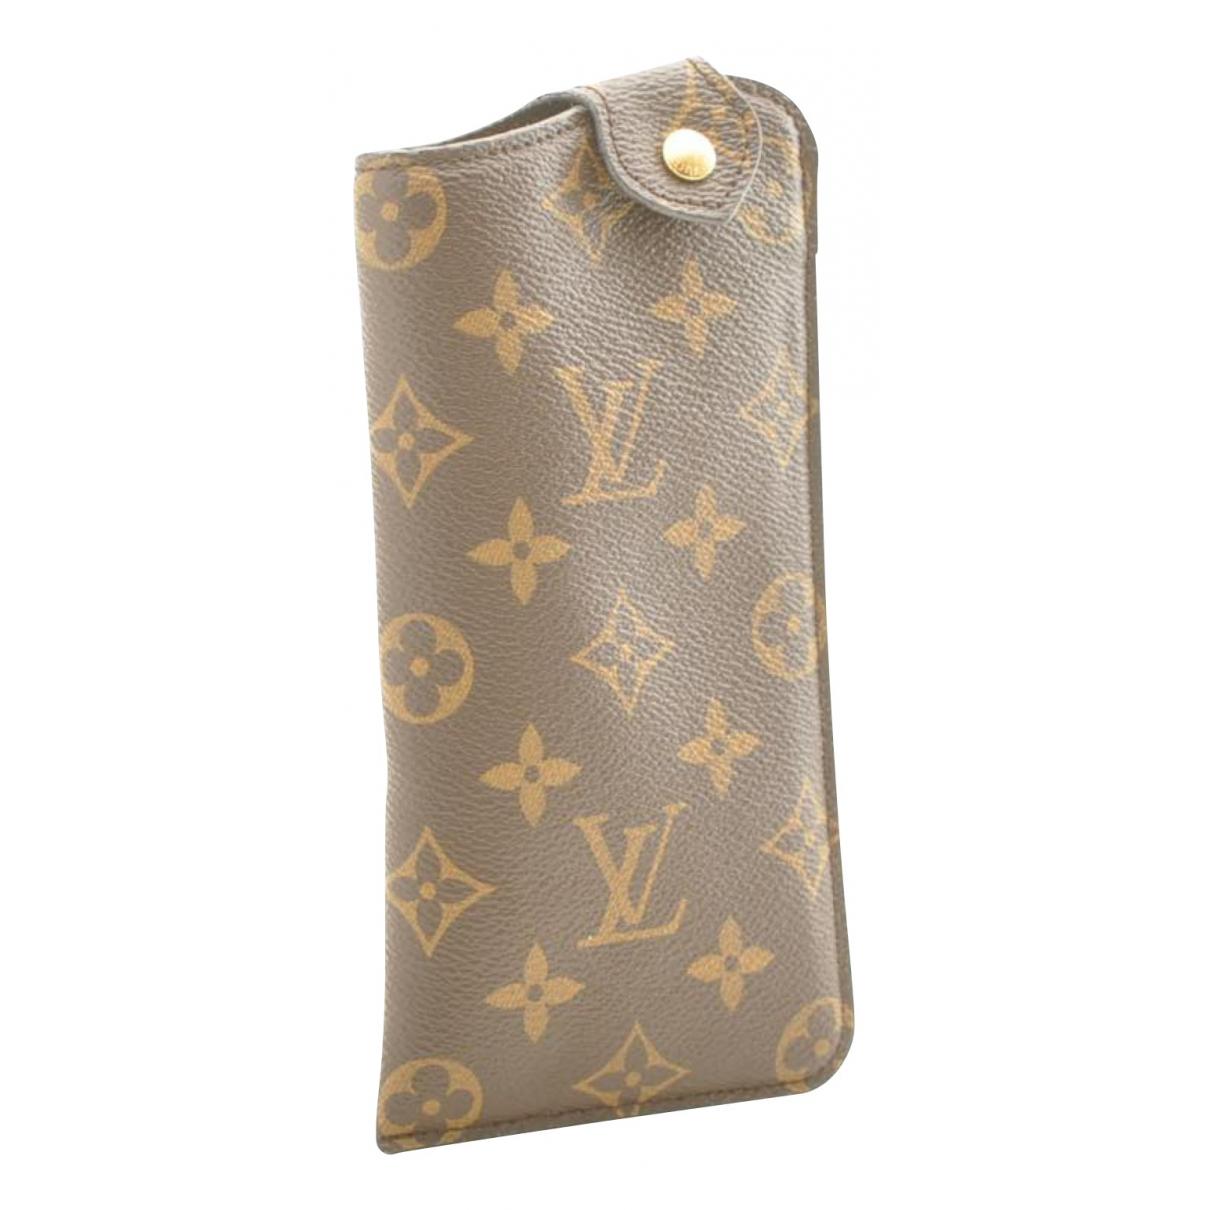 Louis Vuitton - Petite maroquinerie   pour femme en toile - marron